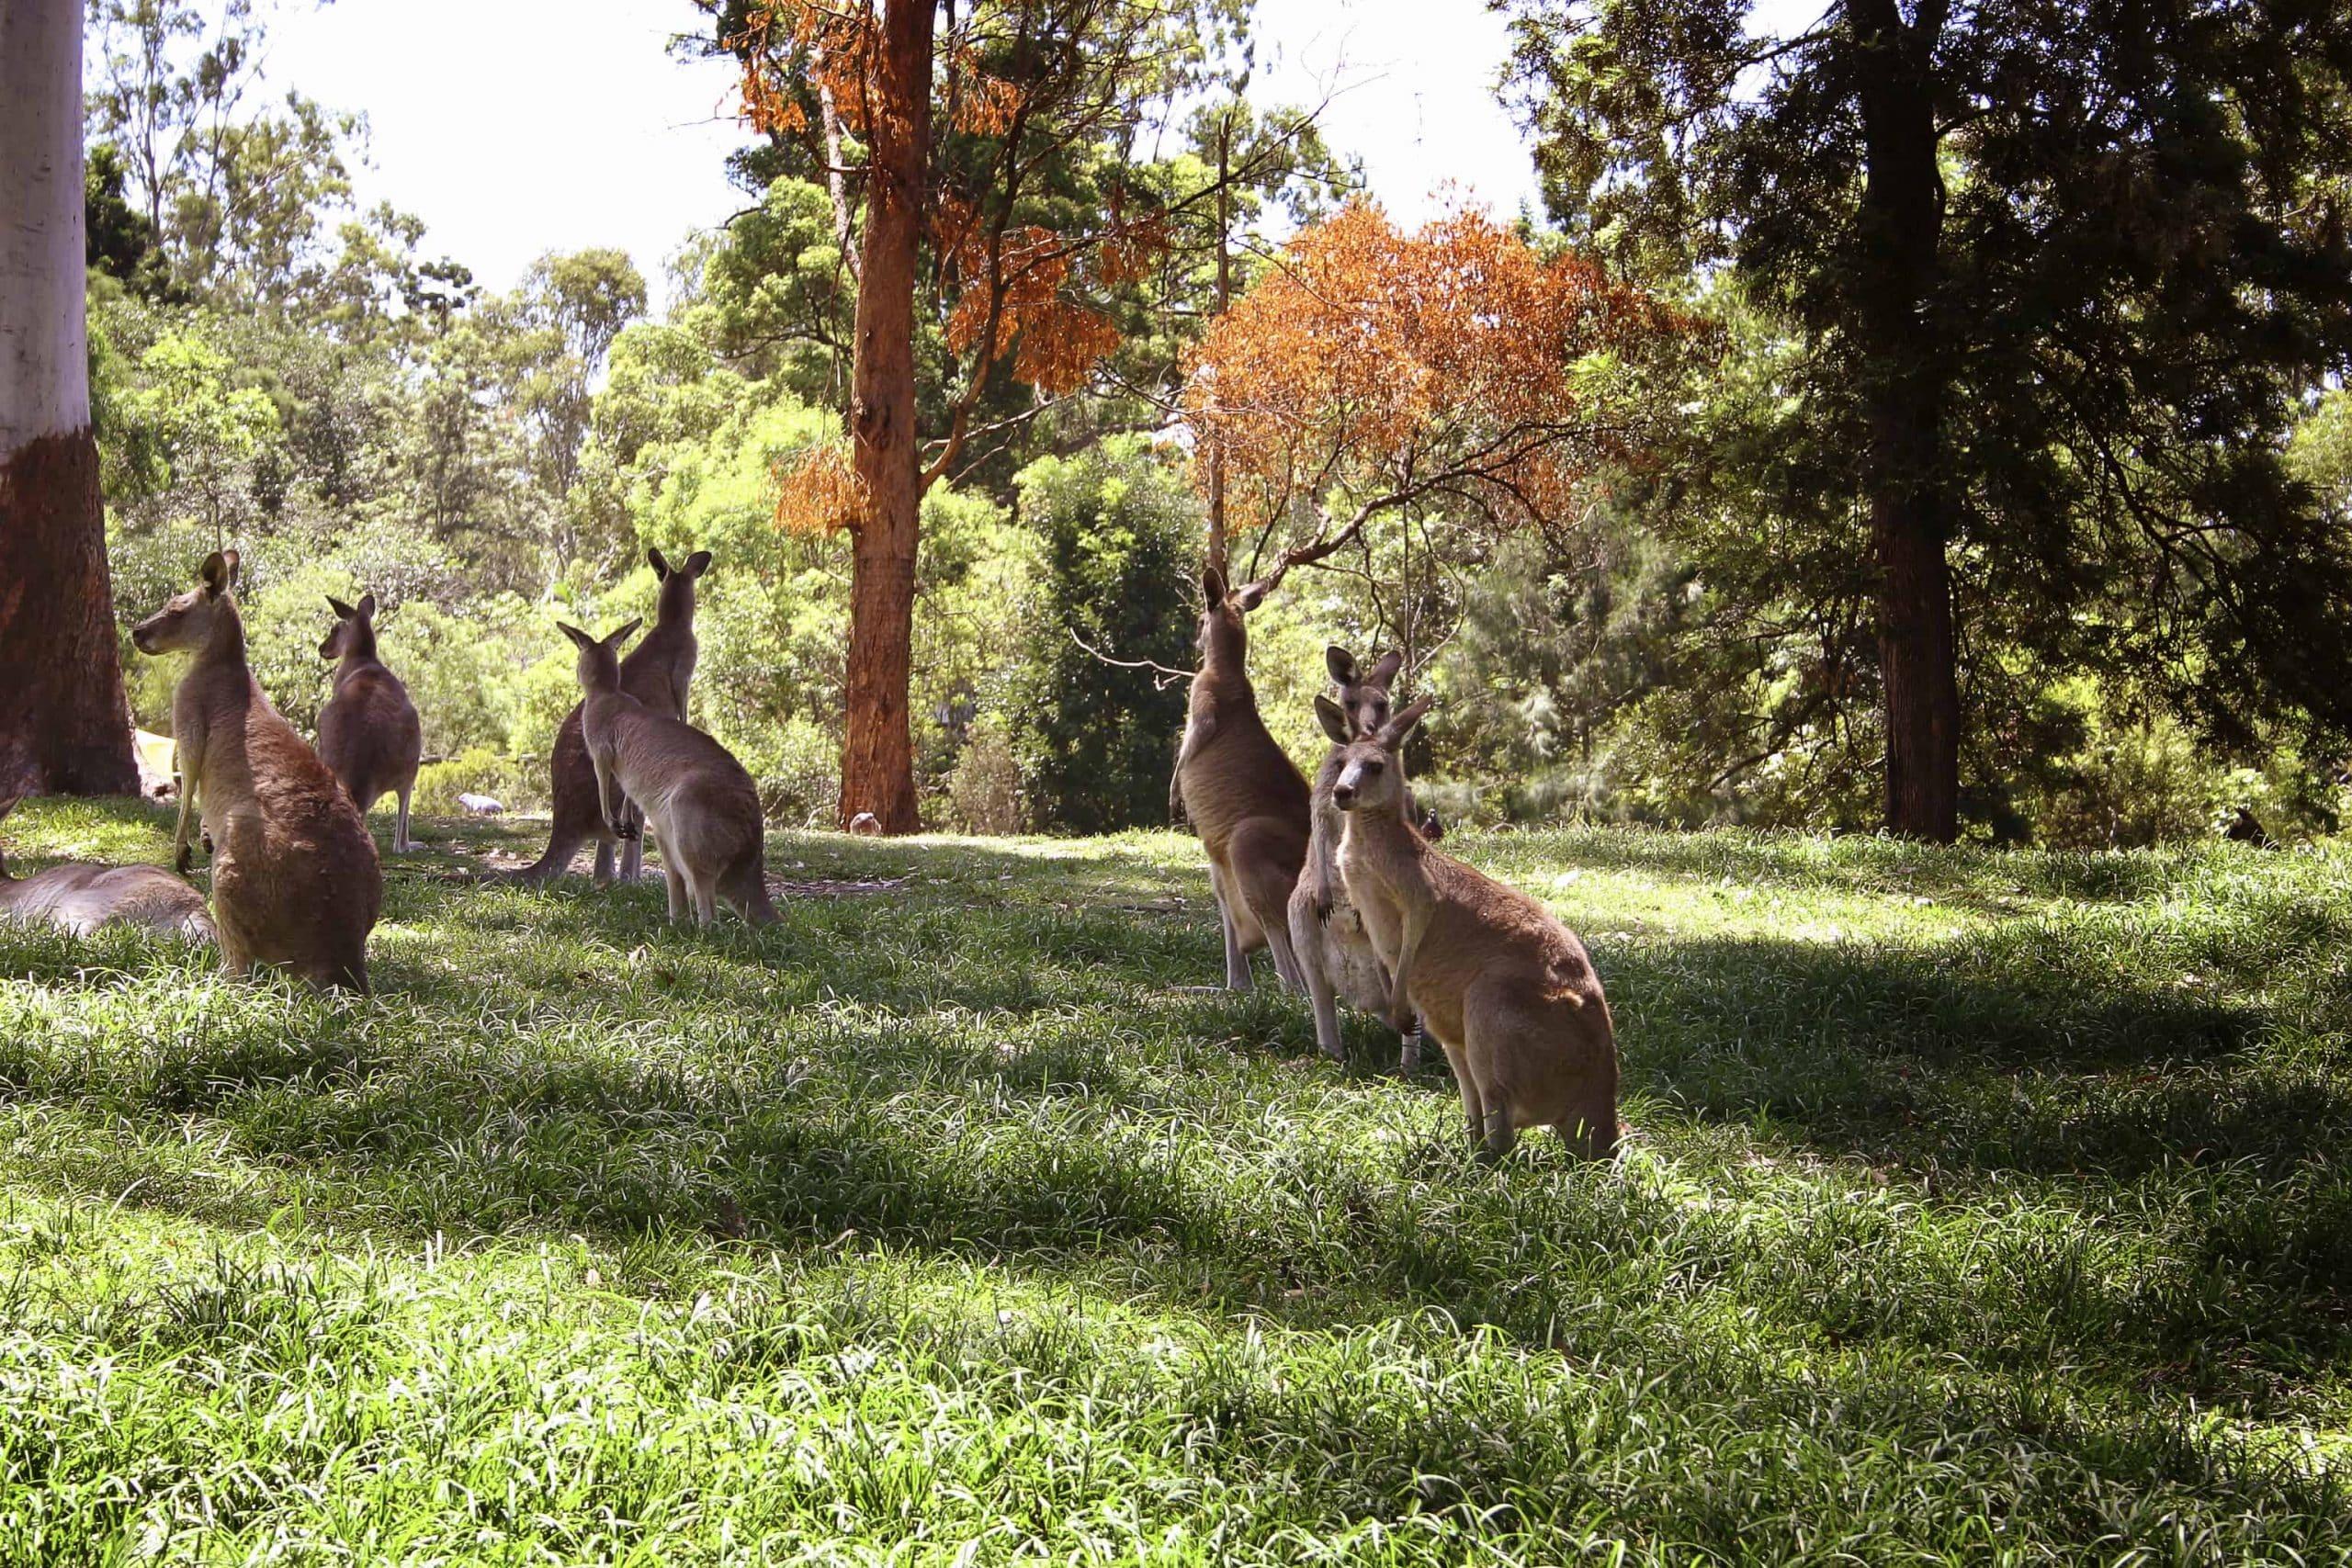 Se kænguruer i Badgingarra National Park - Risskov Rejser